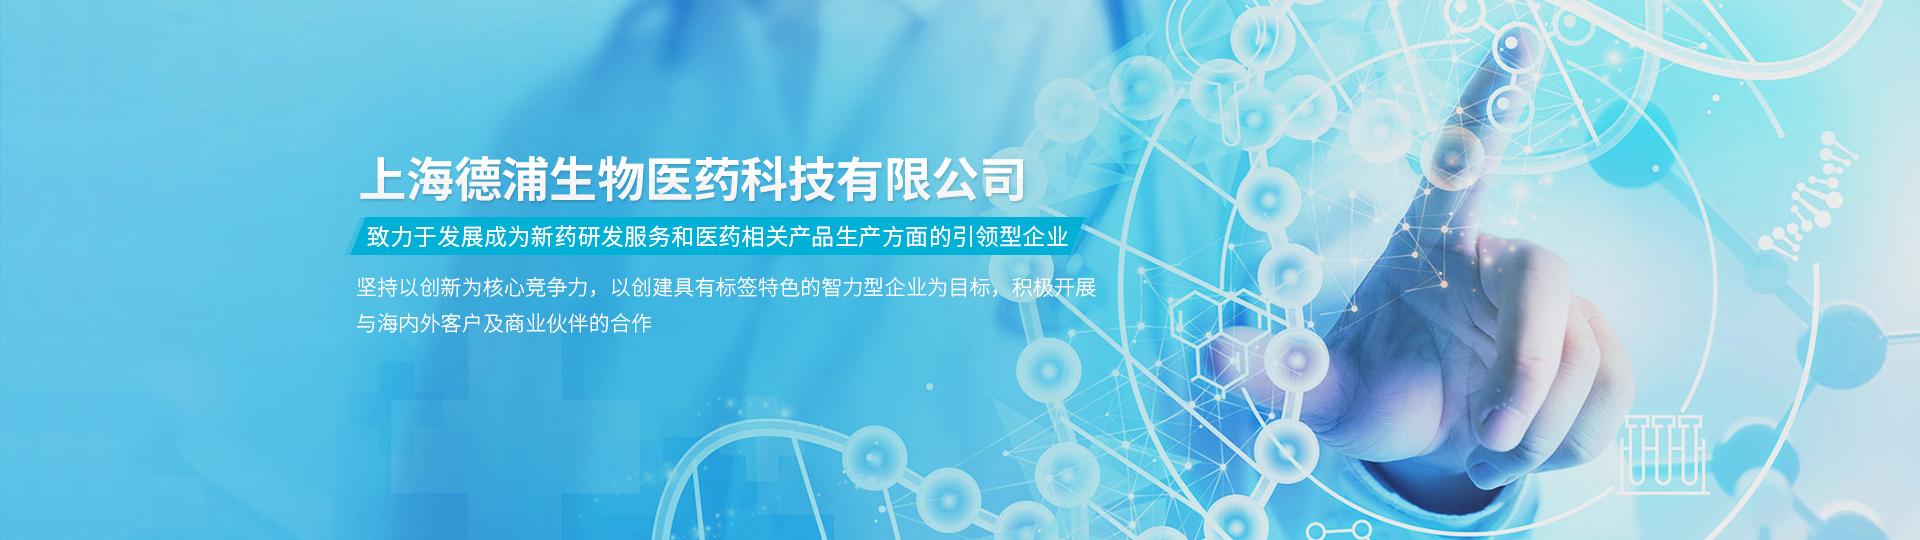 上海德浦生物醫藥科技有限公司